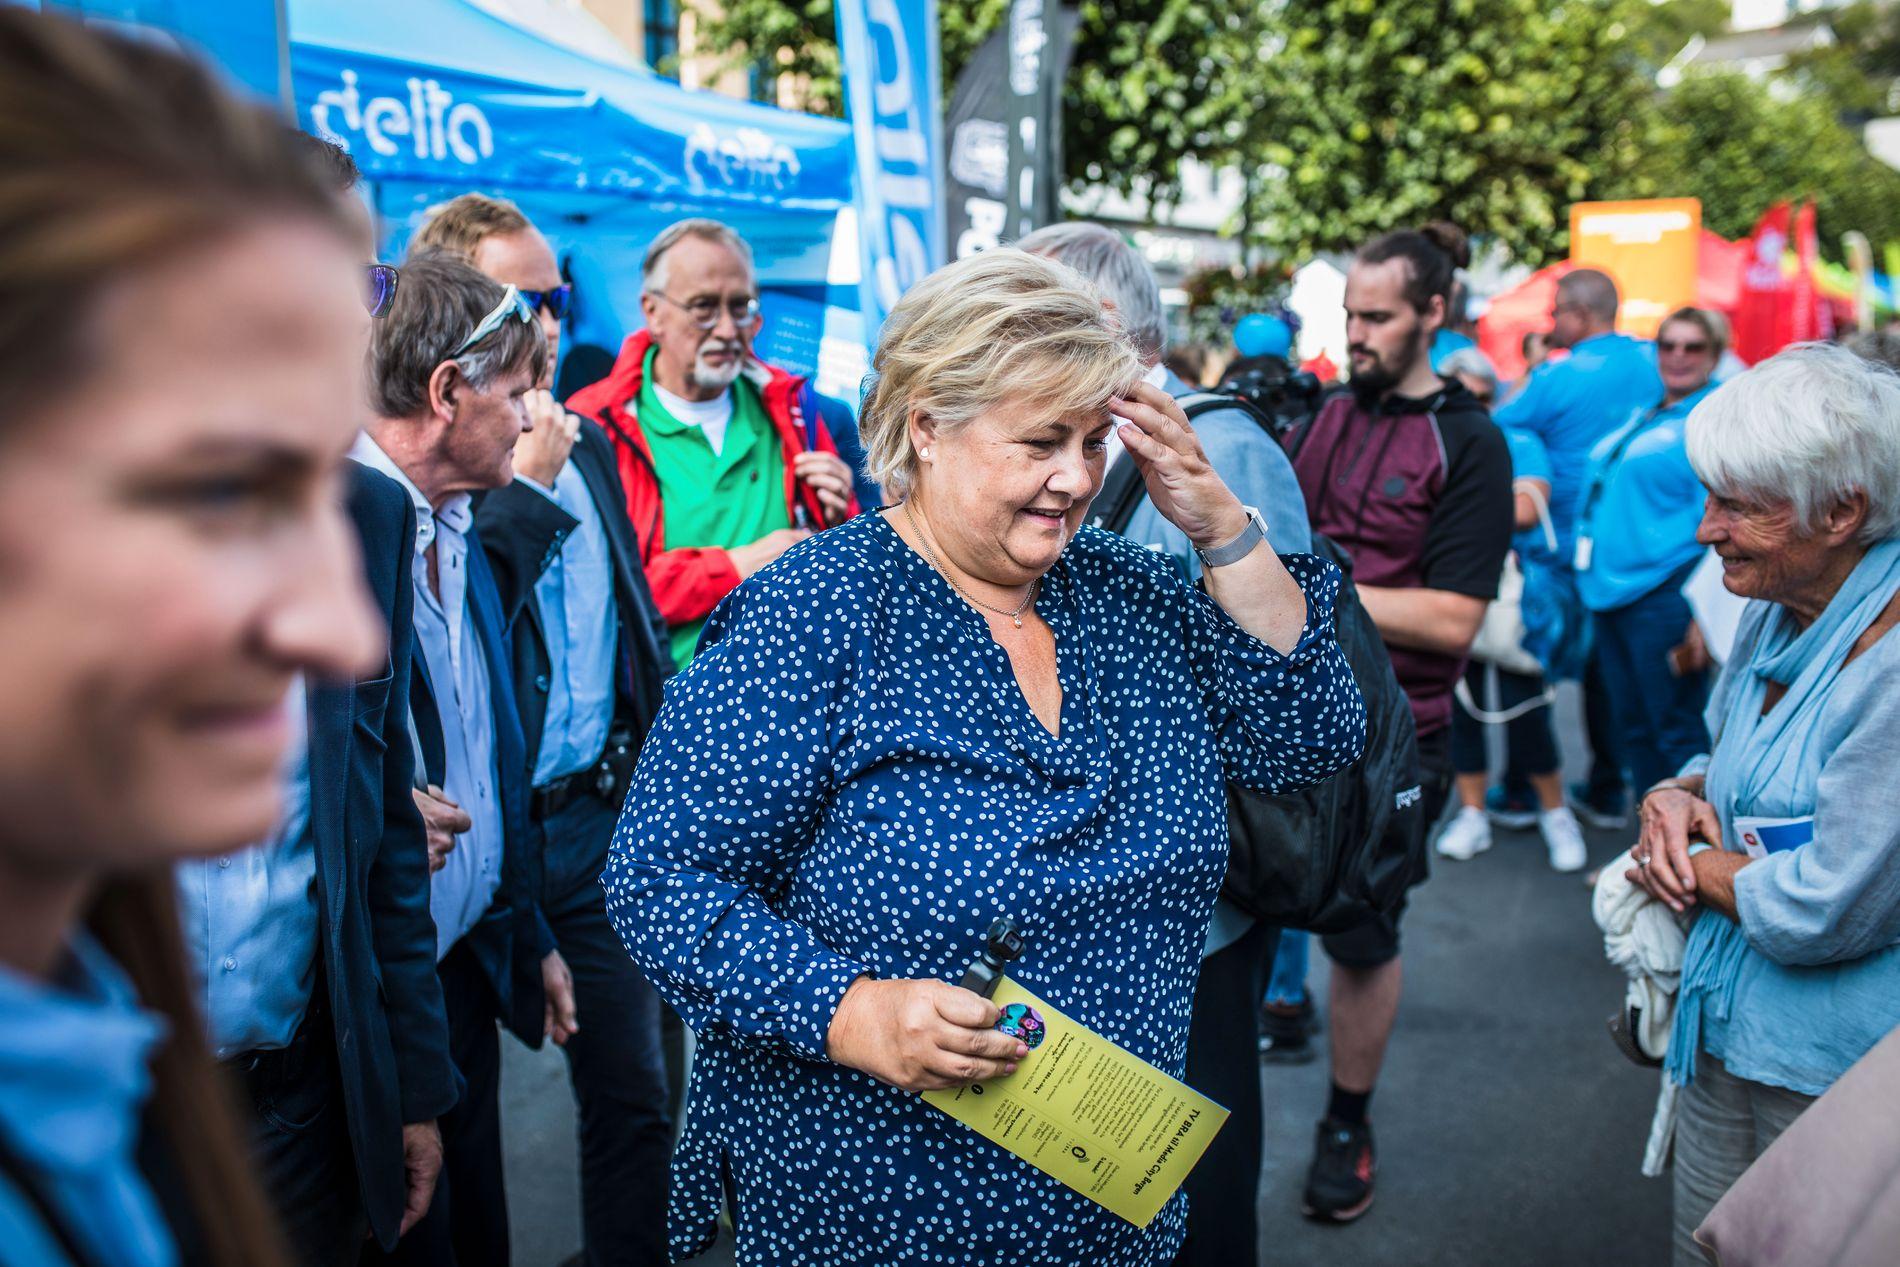 VIL IKKE KOMMENTERE: Statsminister Erna Solberg (H).